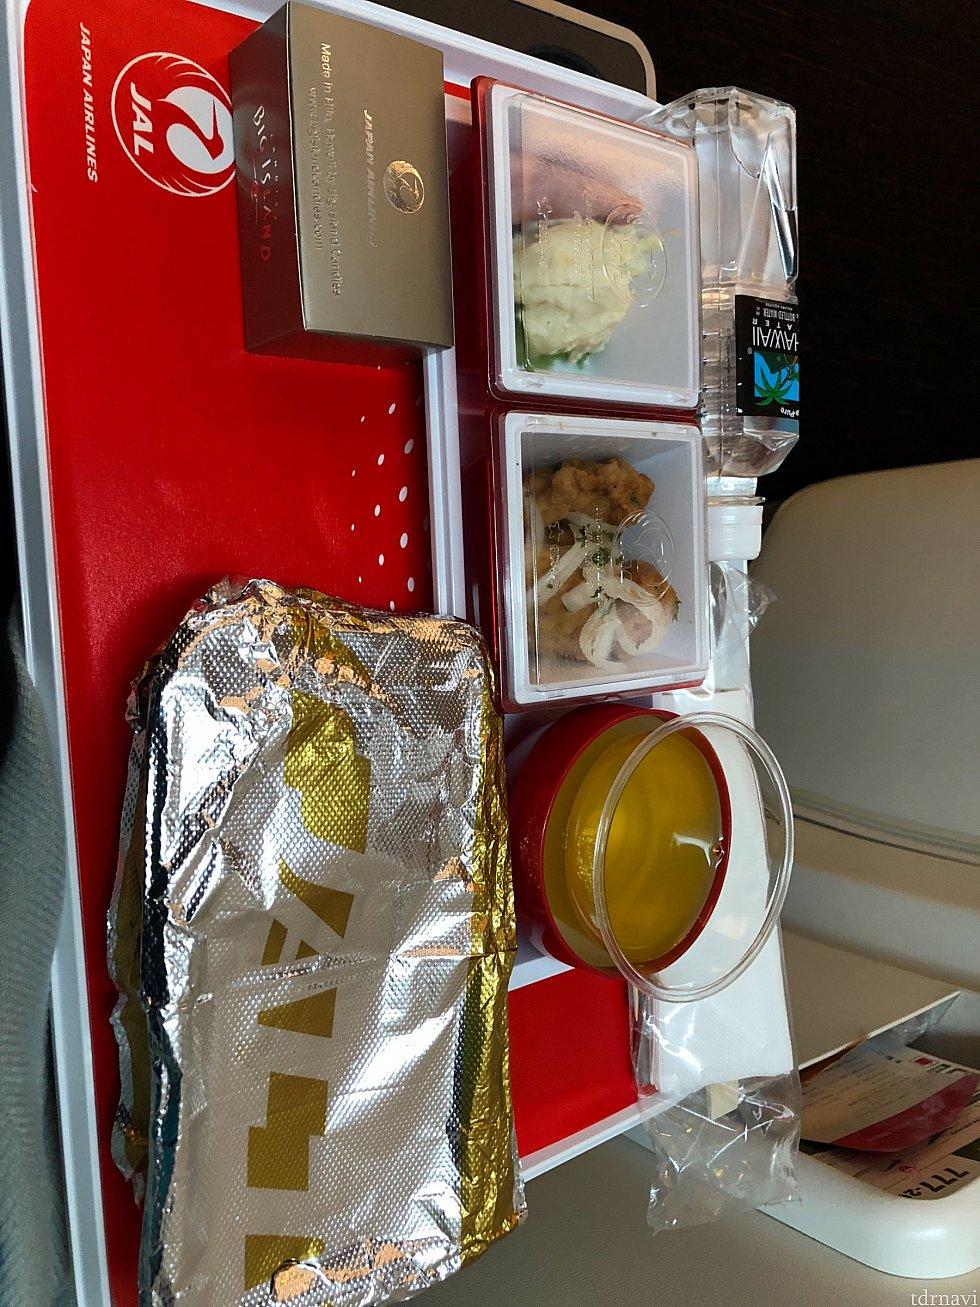 帰りの機内食は、キーマカレーにしました♪